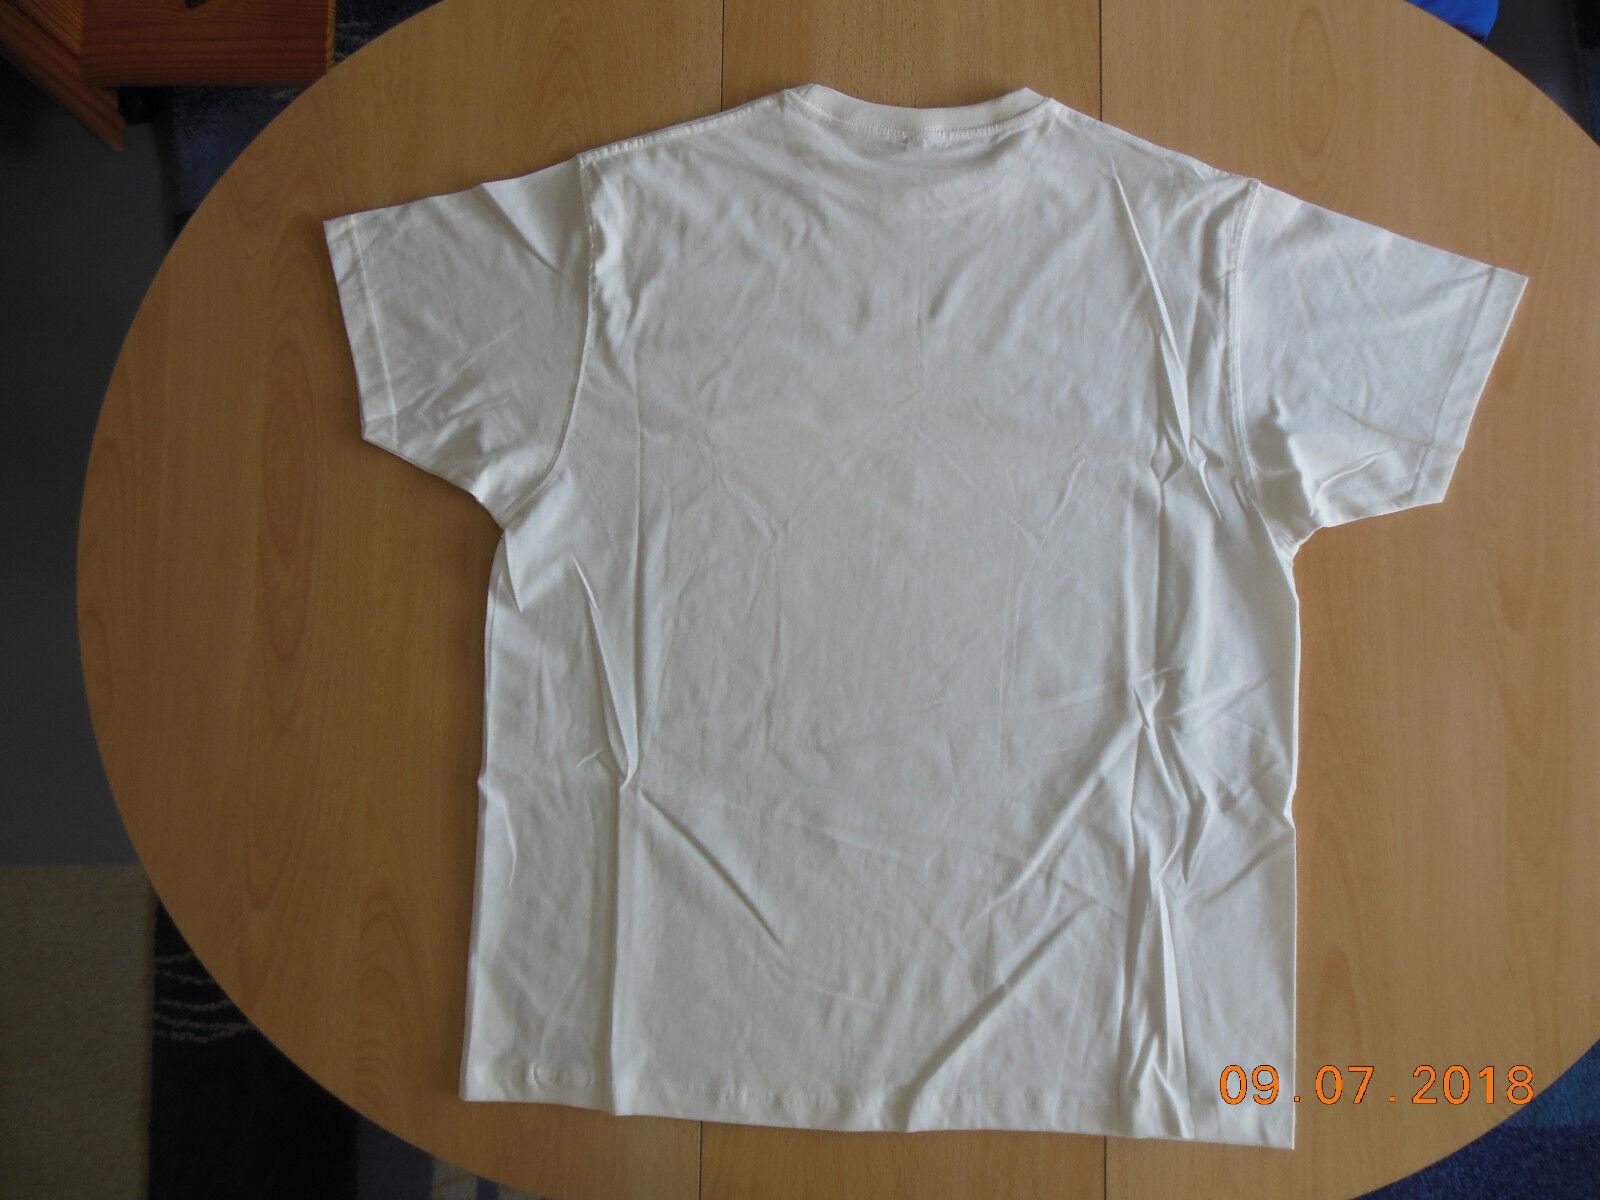 ADLER MANNHEIM MANNHEIM MANNHEIM T - Shirt 465eaf